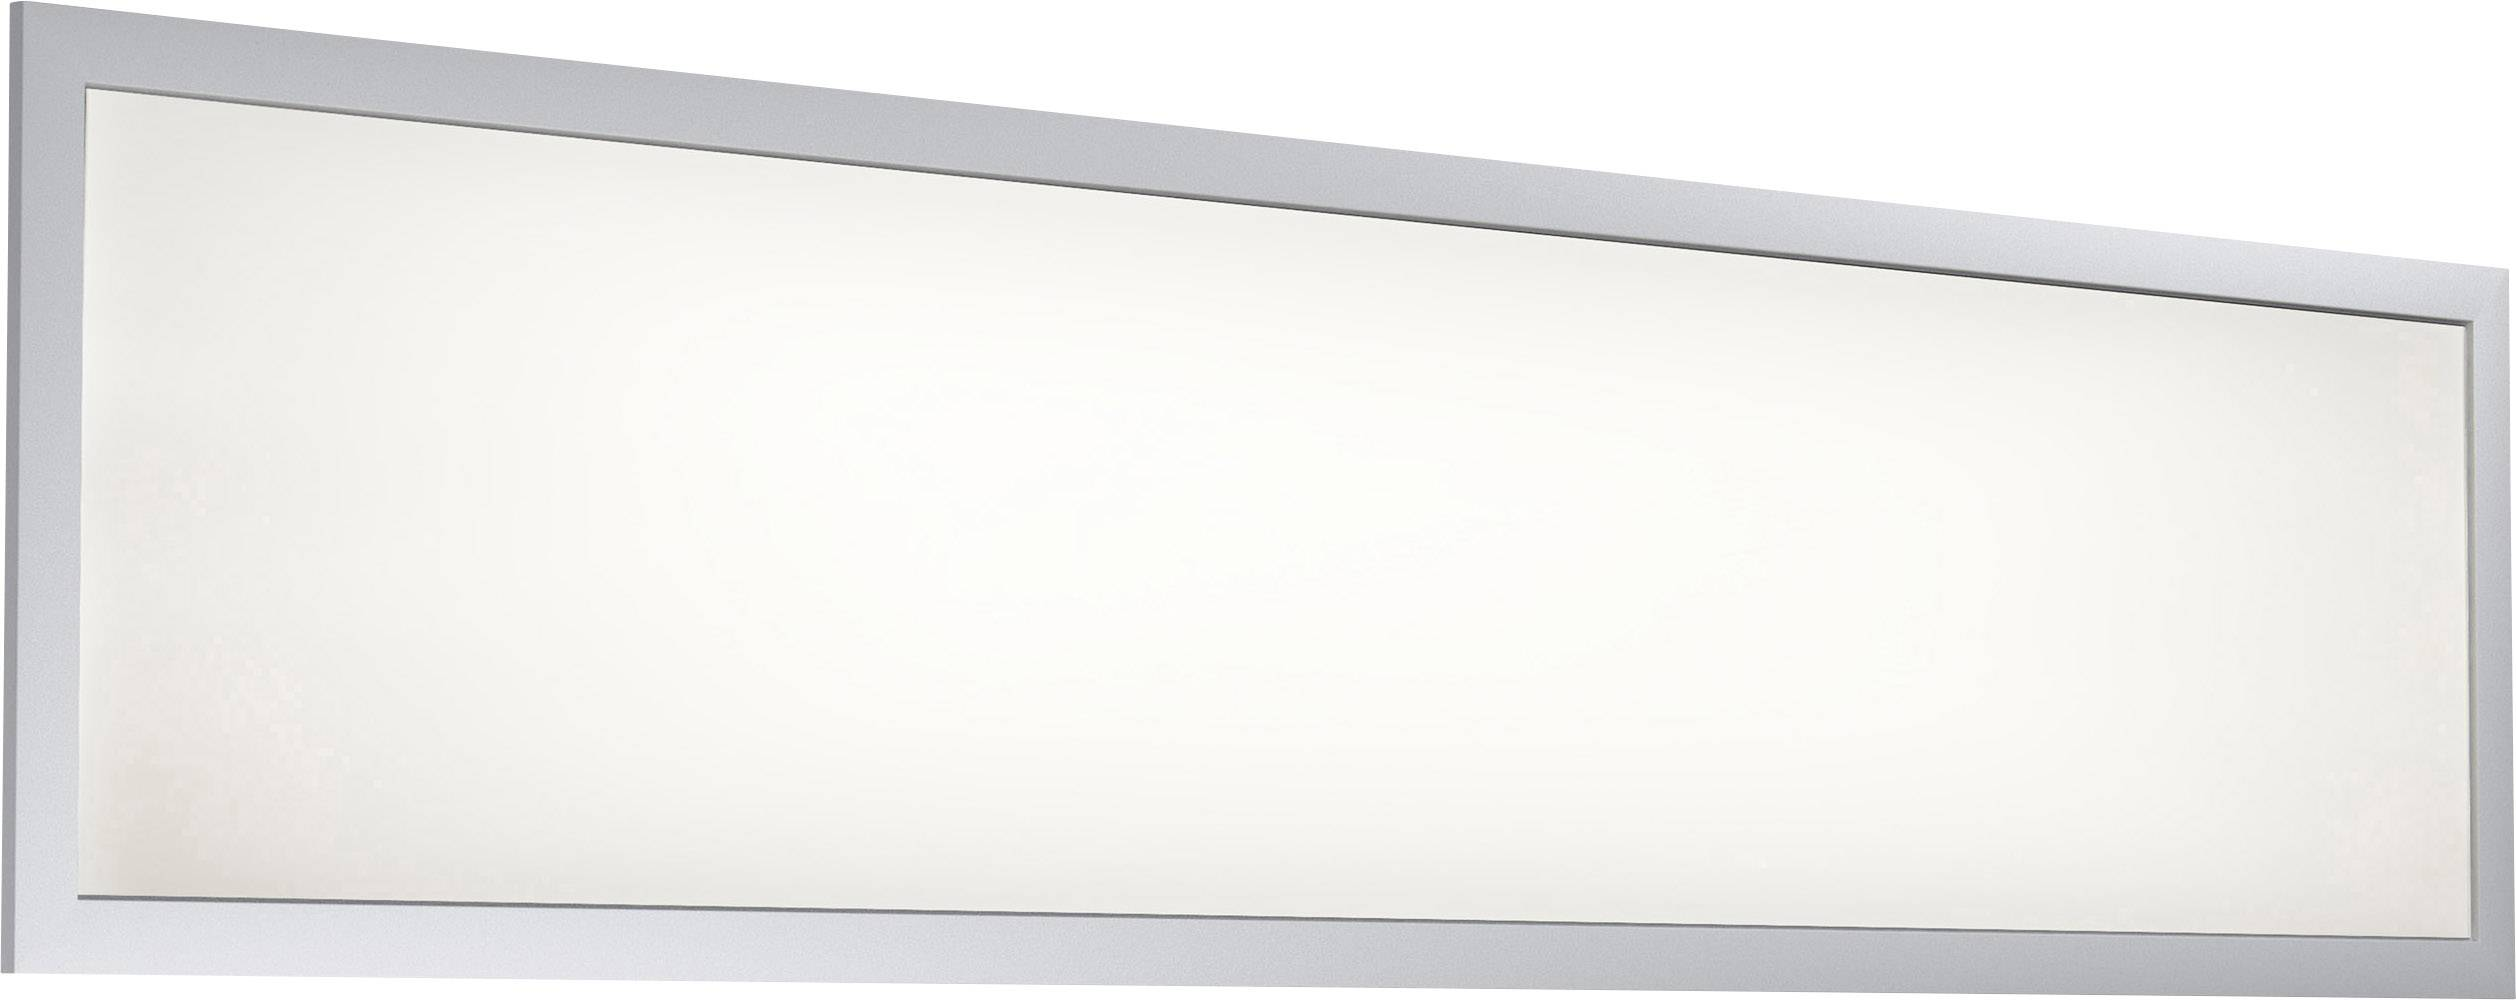 Pannello LED 36 W Bianco caldo OSRAM Planon Pure 4058075035430 Bianco